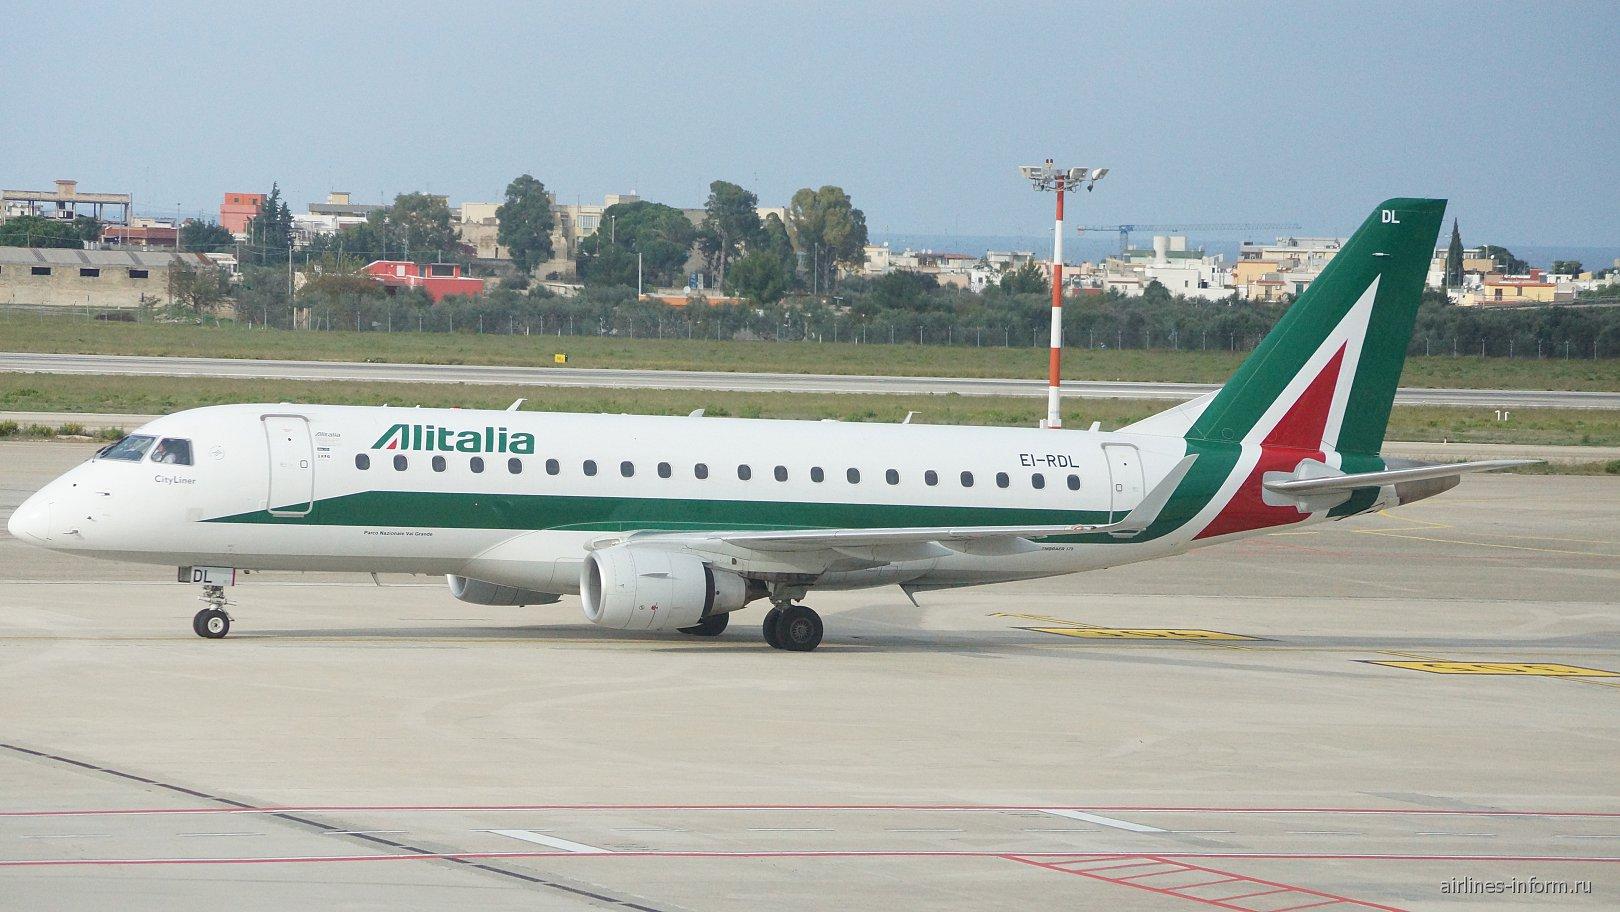 Самолет Embraer 175 EI-RDL авиакомпании Alitalia в аэропорту Бари